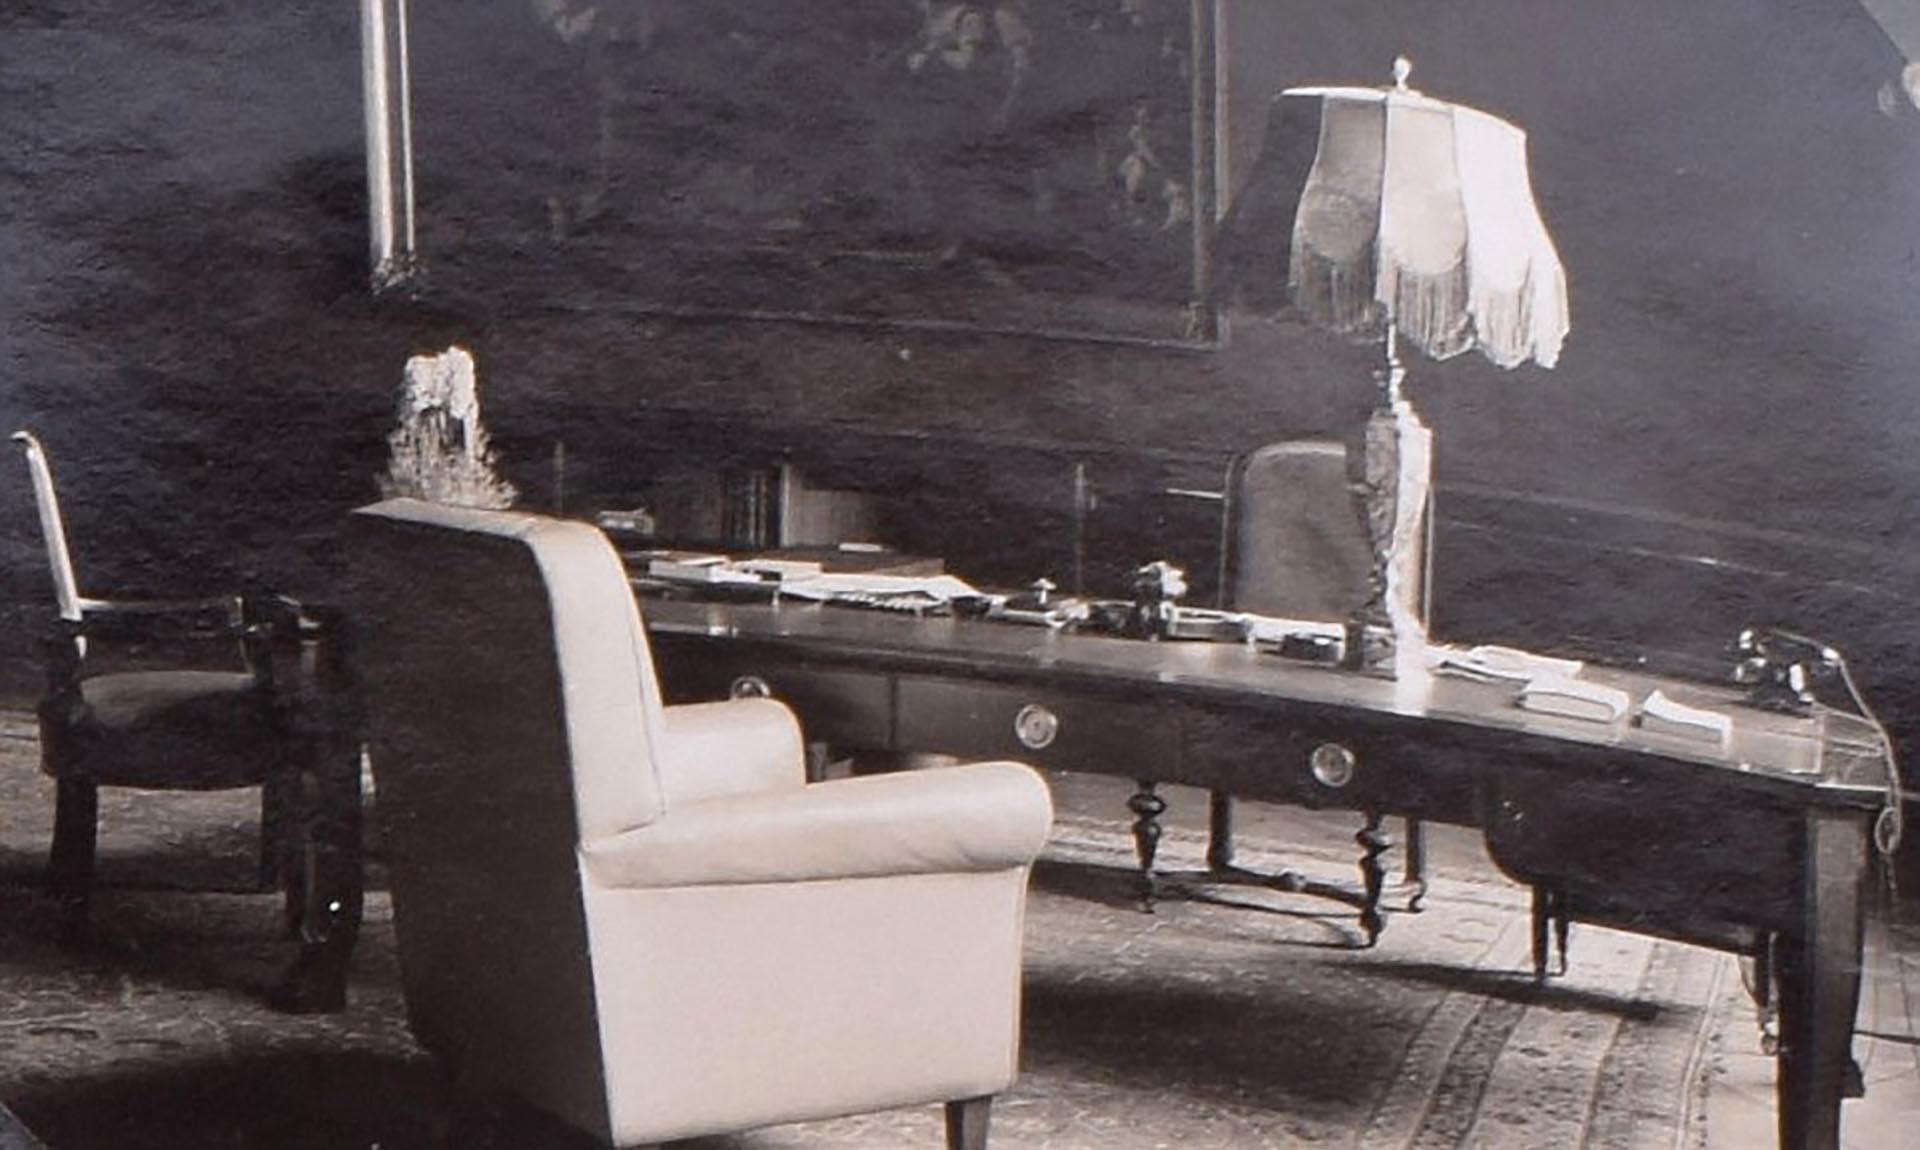 La oficina privada de Hitler en la cancillería (C&T Auctions/BNPS)